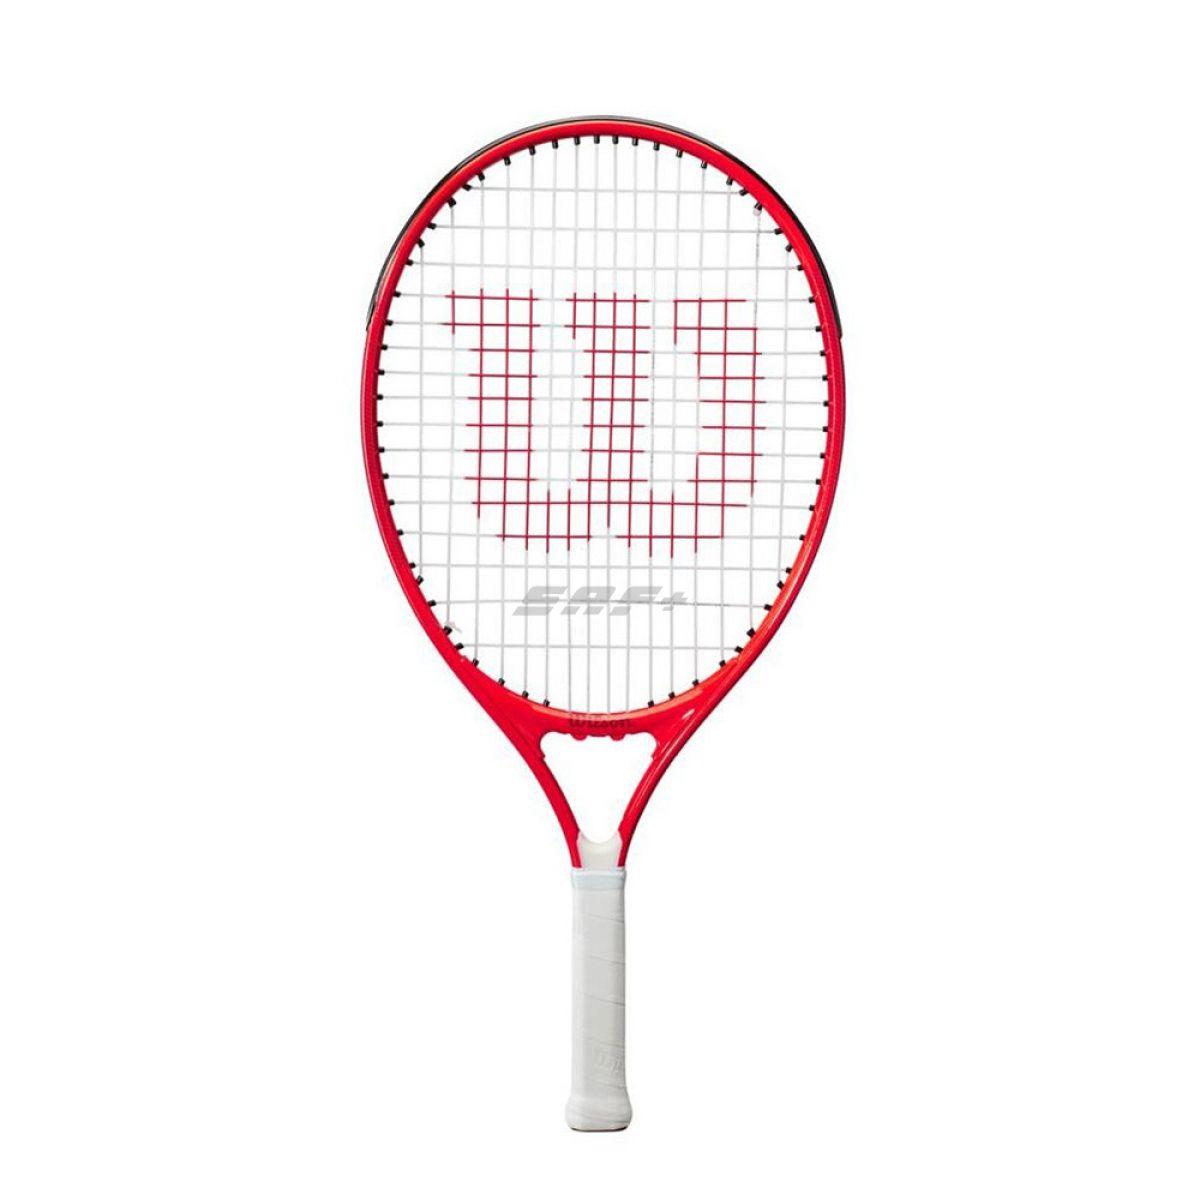 Ракетка б/т Wilson Roger Federer 21 Gr00000,арт.WR054110H, для дет. 5-6лет,алюм.,со струн, красн-бел